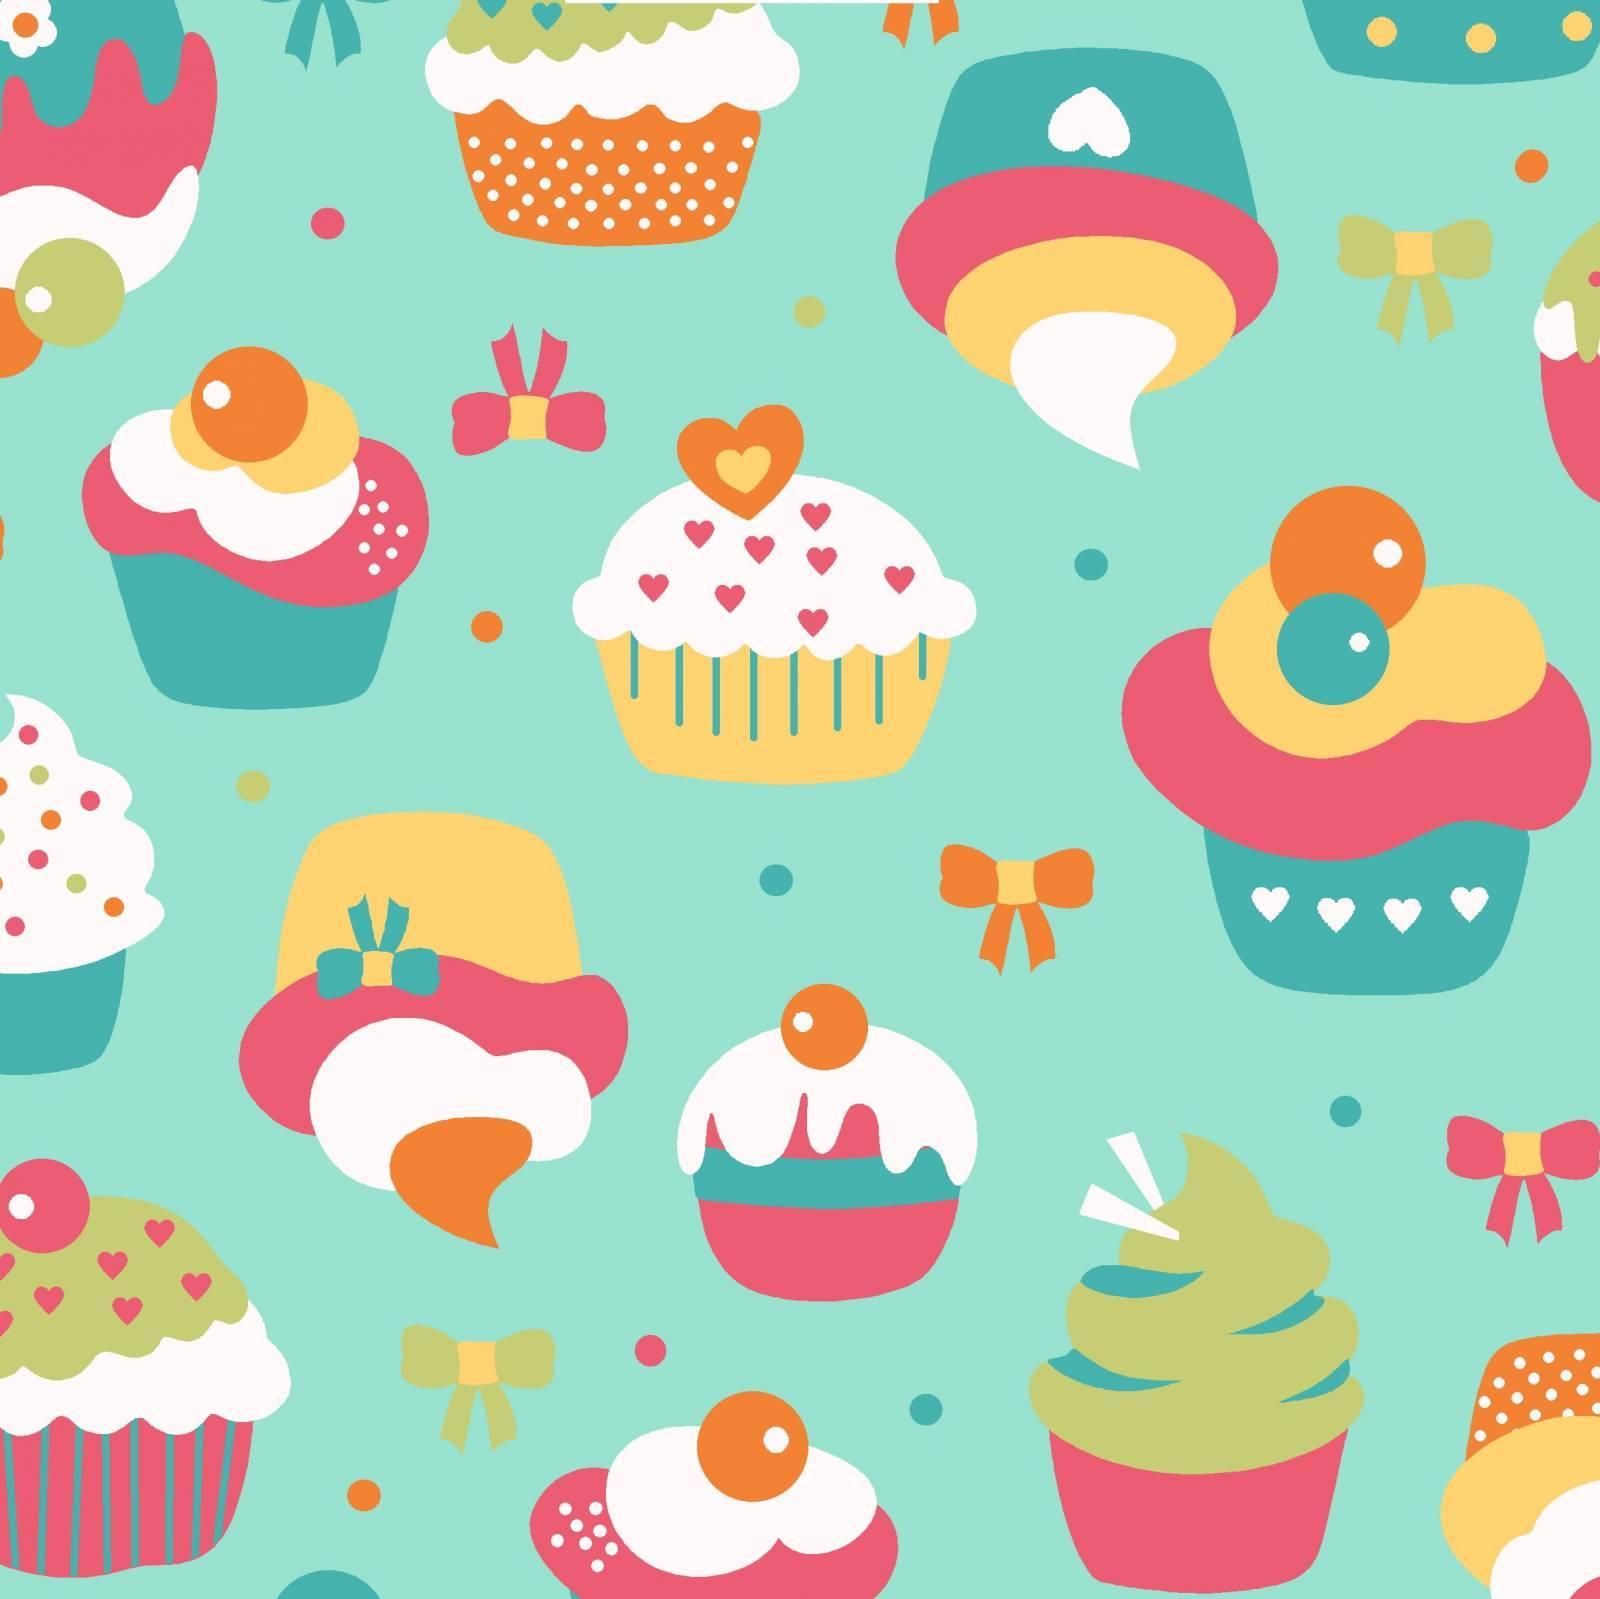 Cupcake fundo verde água - BAÚ DA VOVÓ